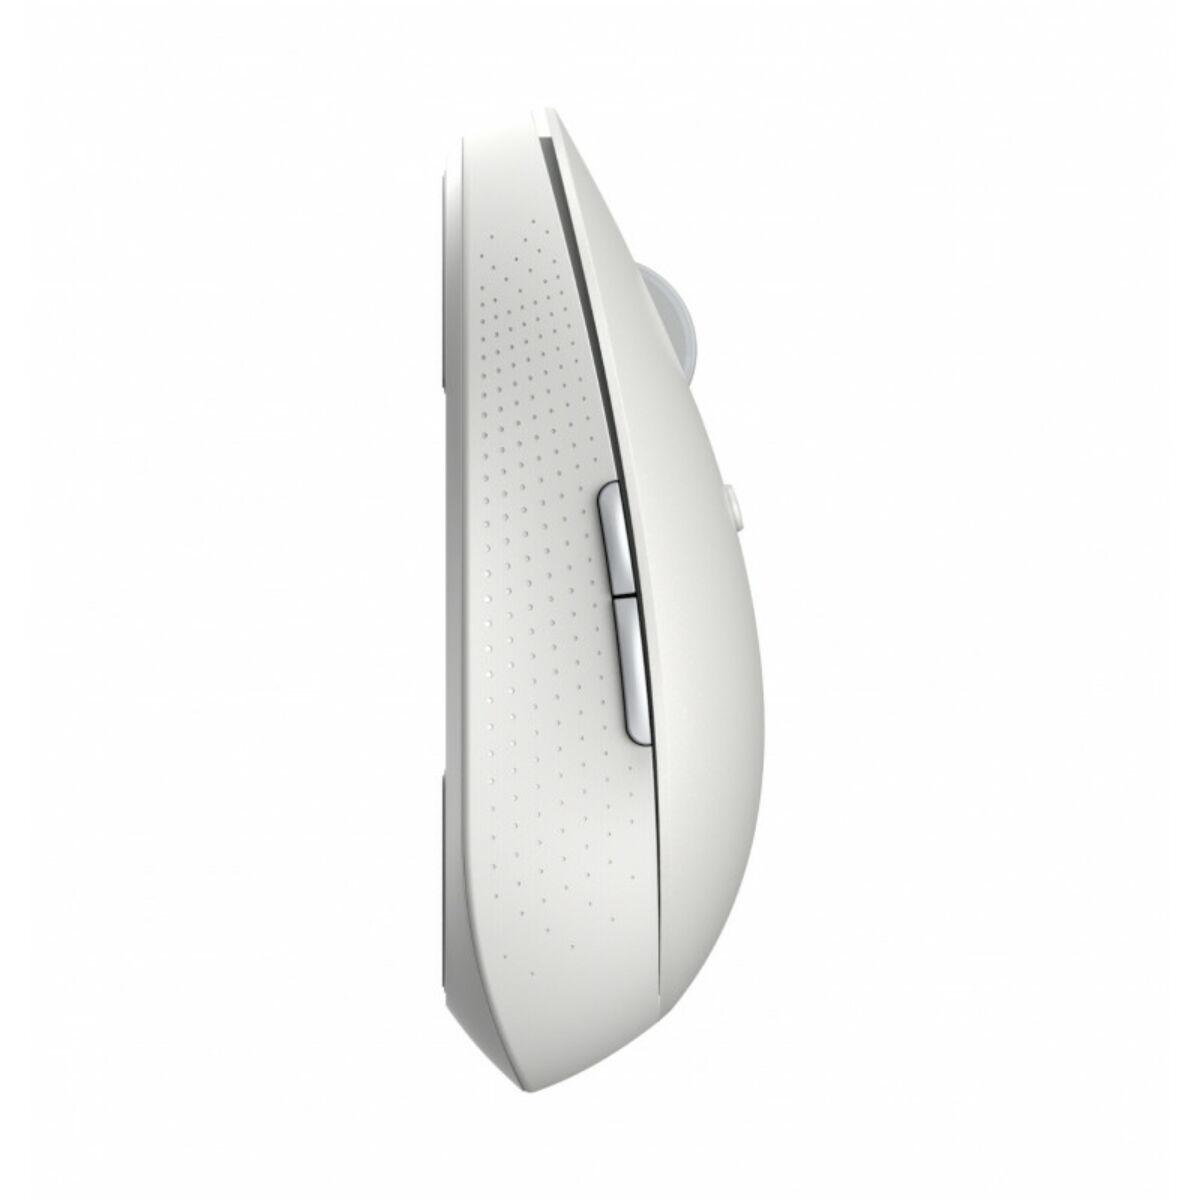 Xiaomi Mi Dual Mode vezeték nélküli egér Silent Edition fehér EU